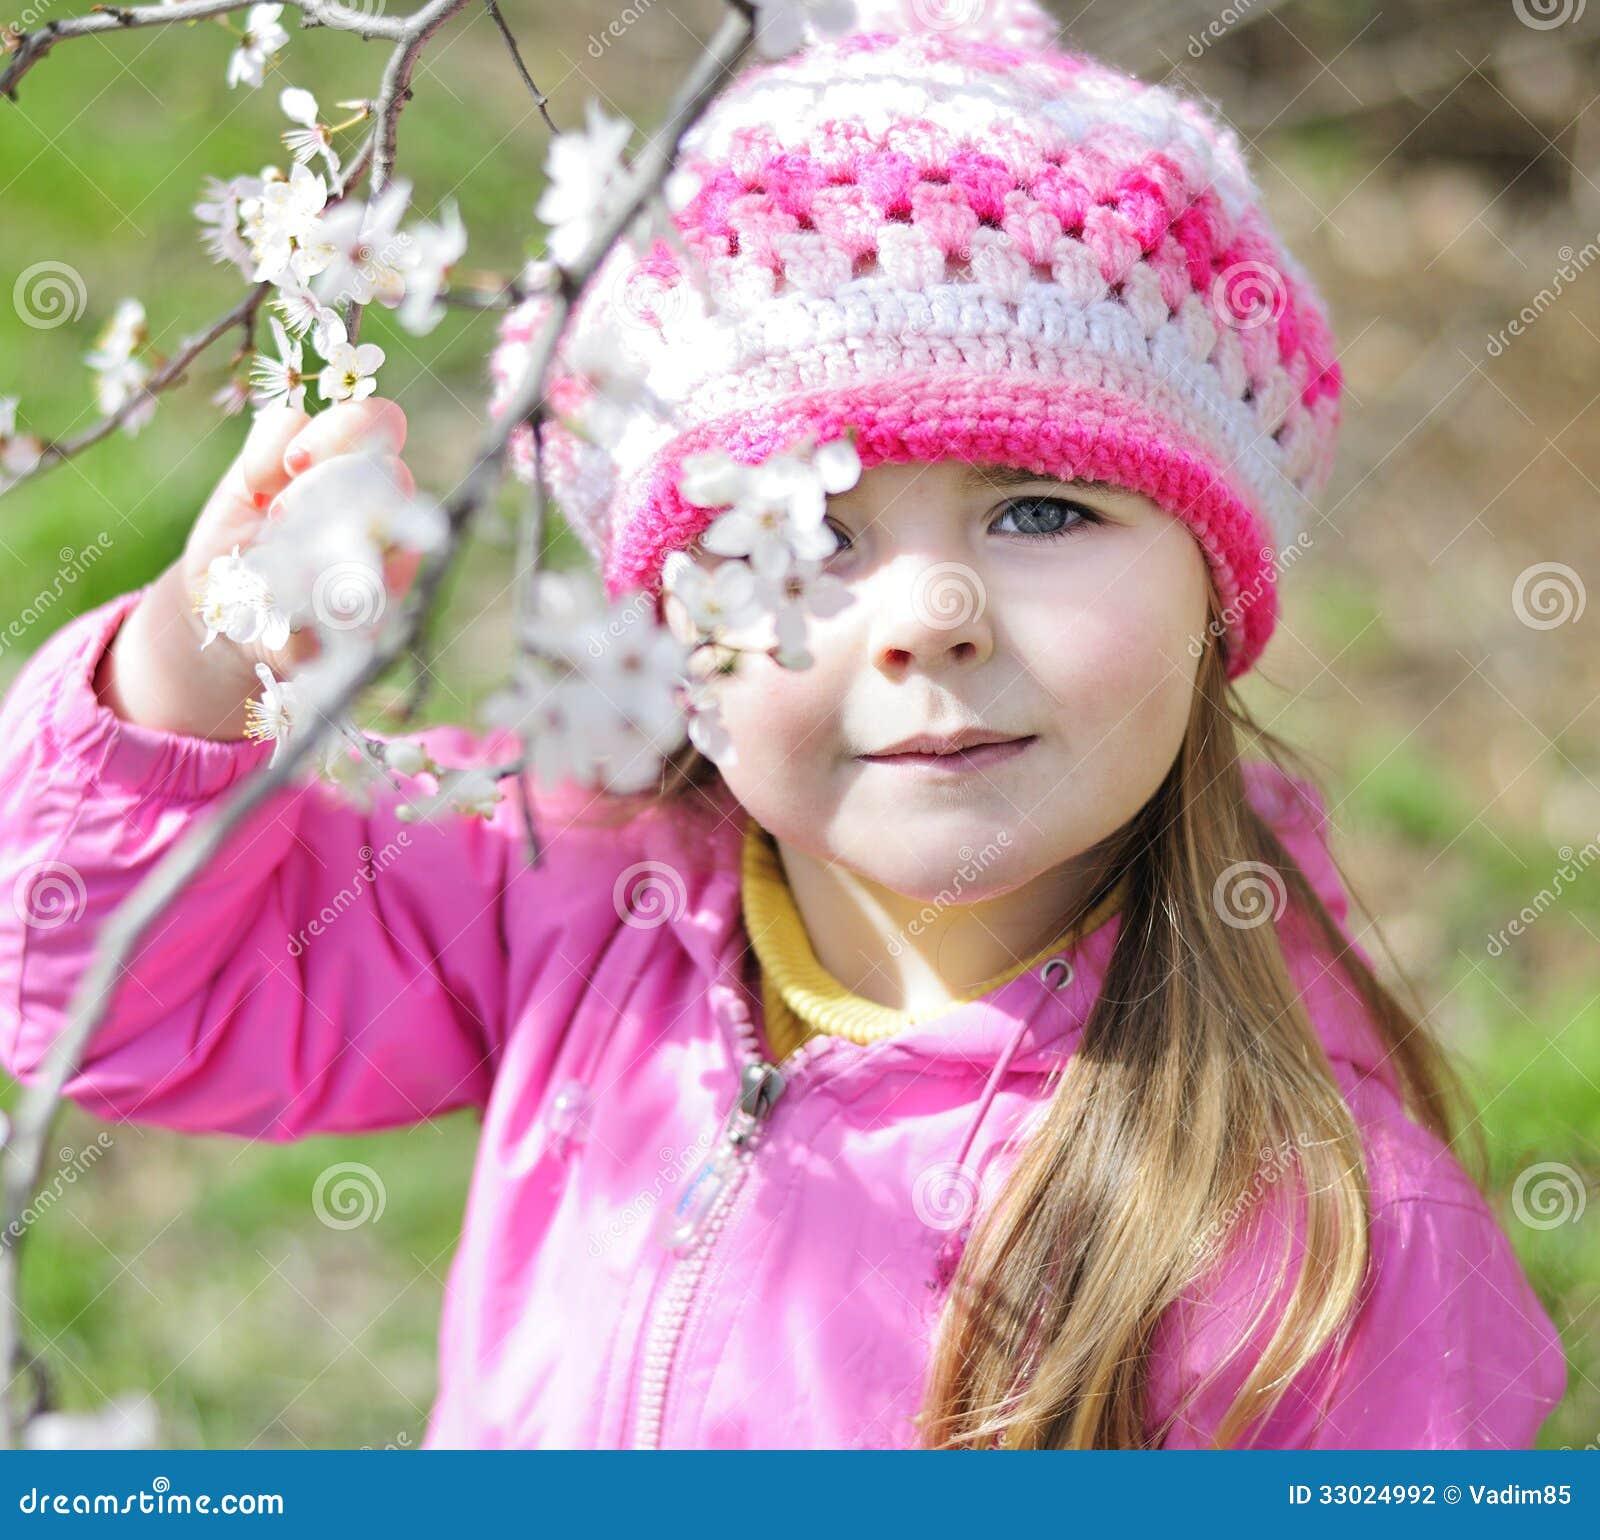 Beautiful Little Girl Bedrooms: Beautiful Little Girl Near A Flowering Tree Stock